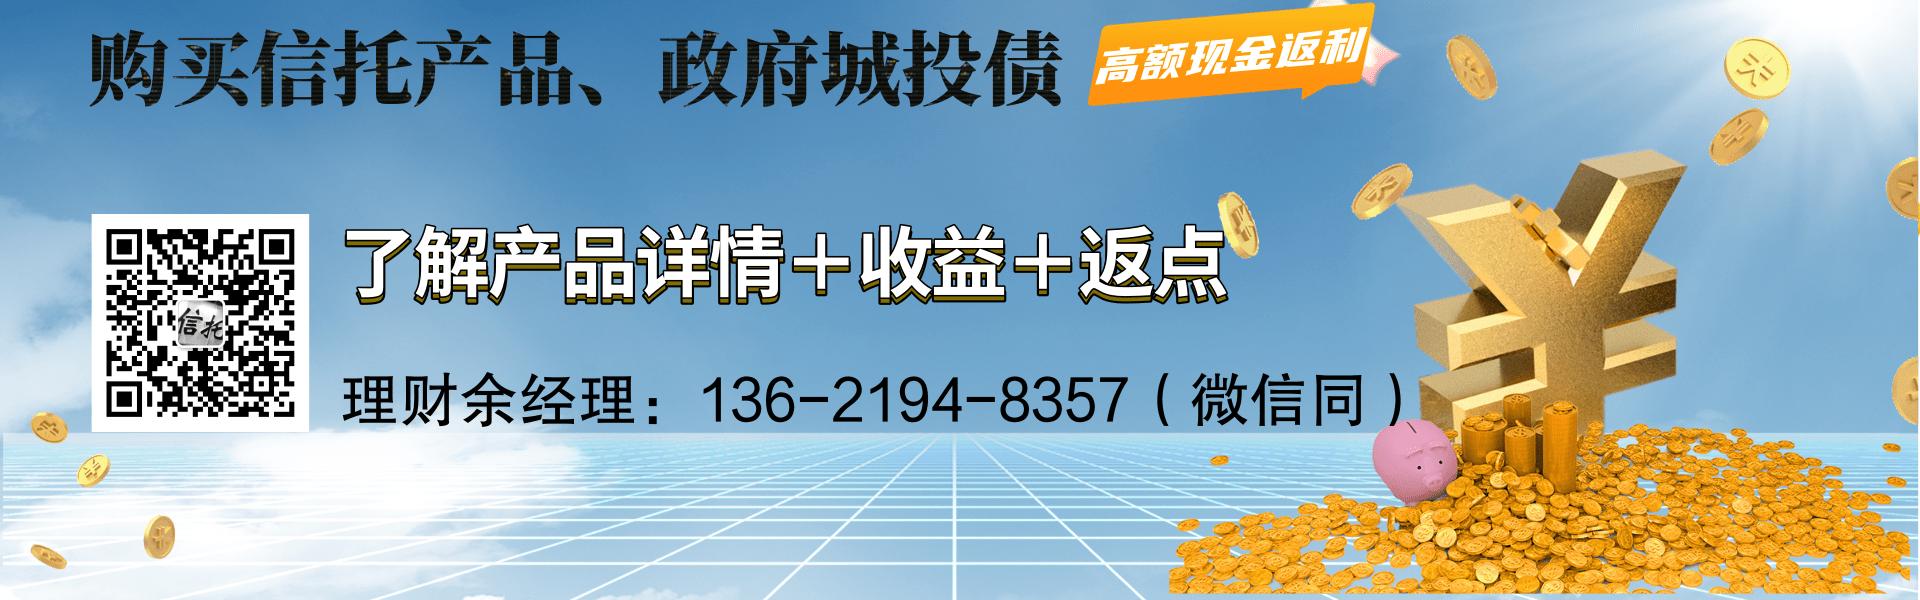 大央企信托-江苏盐城XX政信热点专题